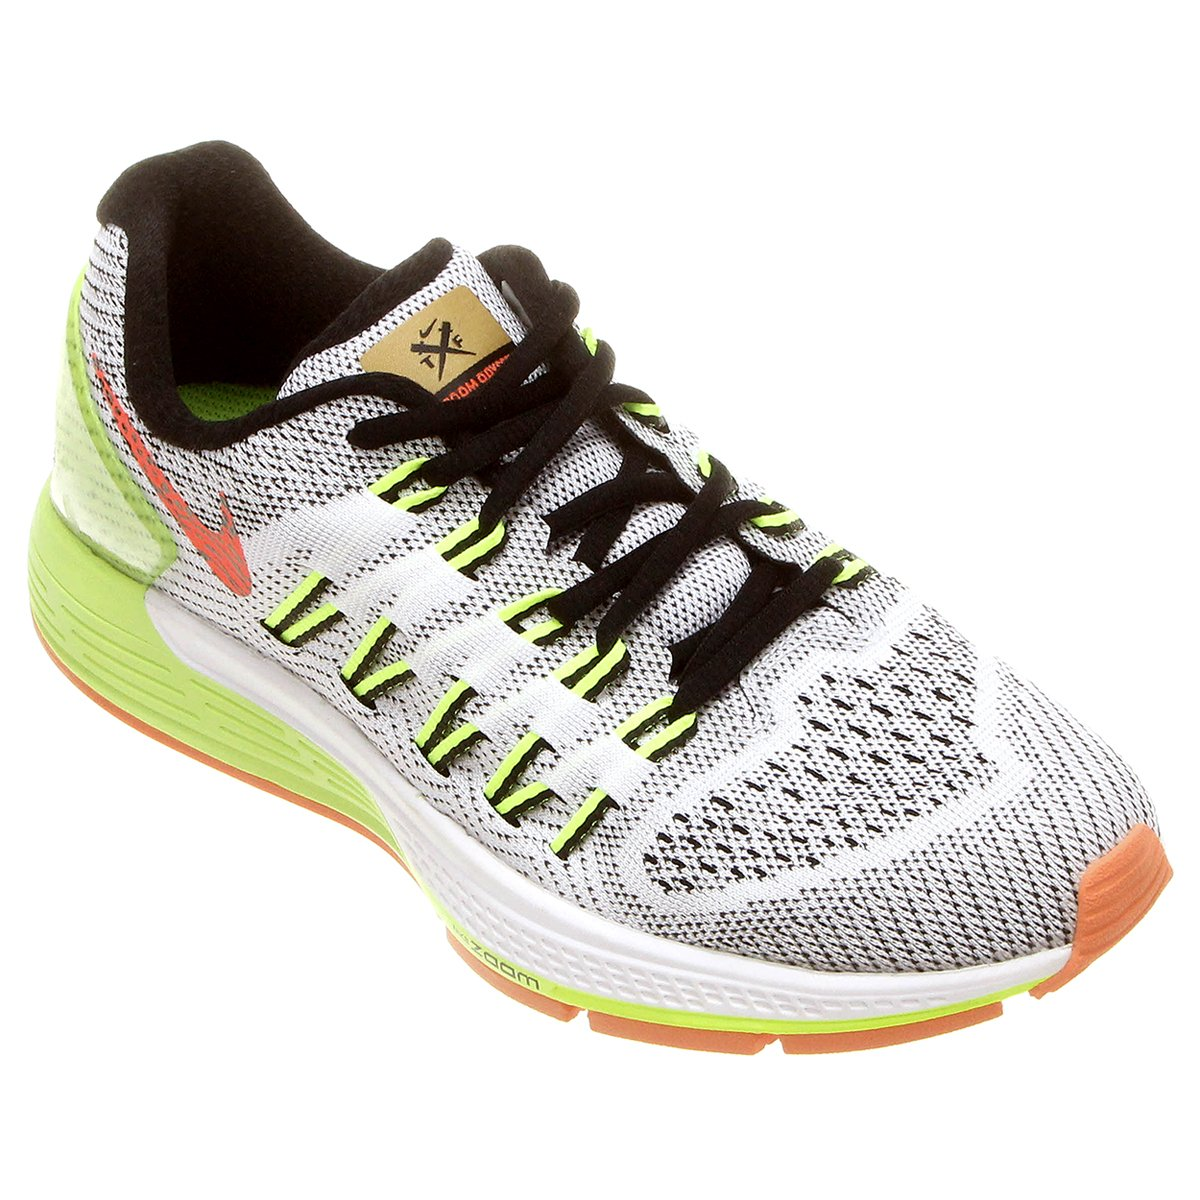 46b7026649e Tênis Nike Air Zoom Odyssey Feminino - Compre Agora